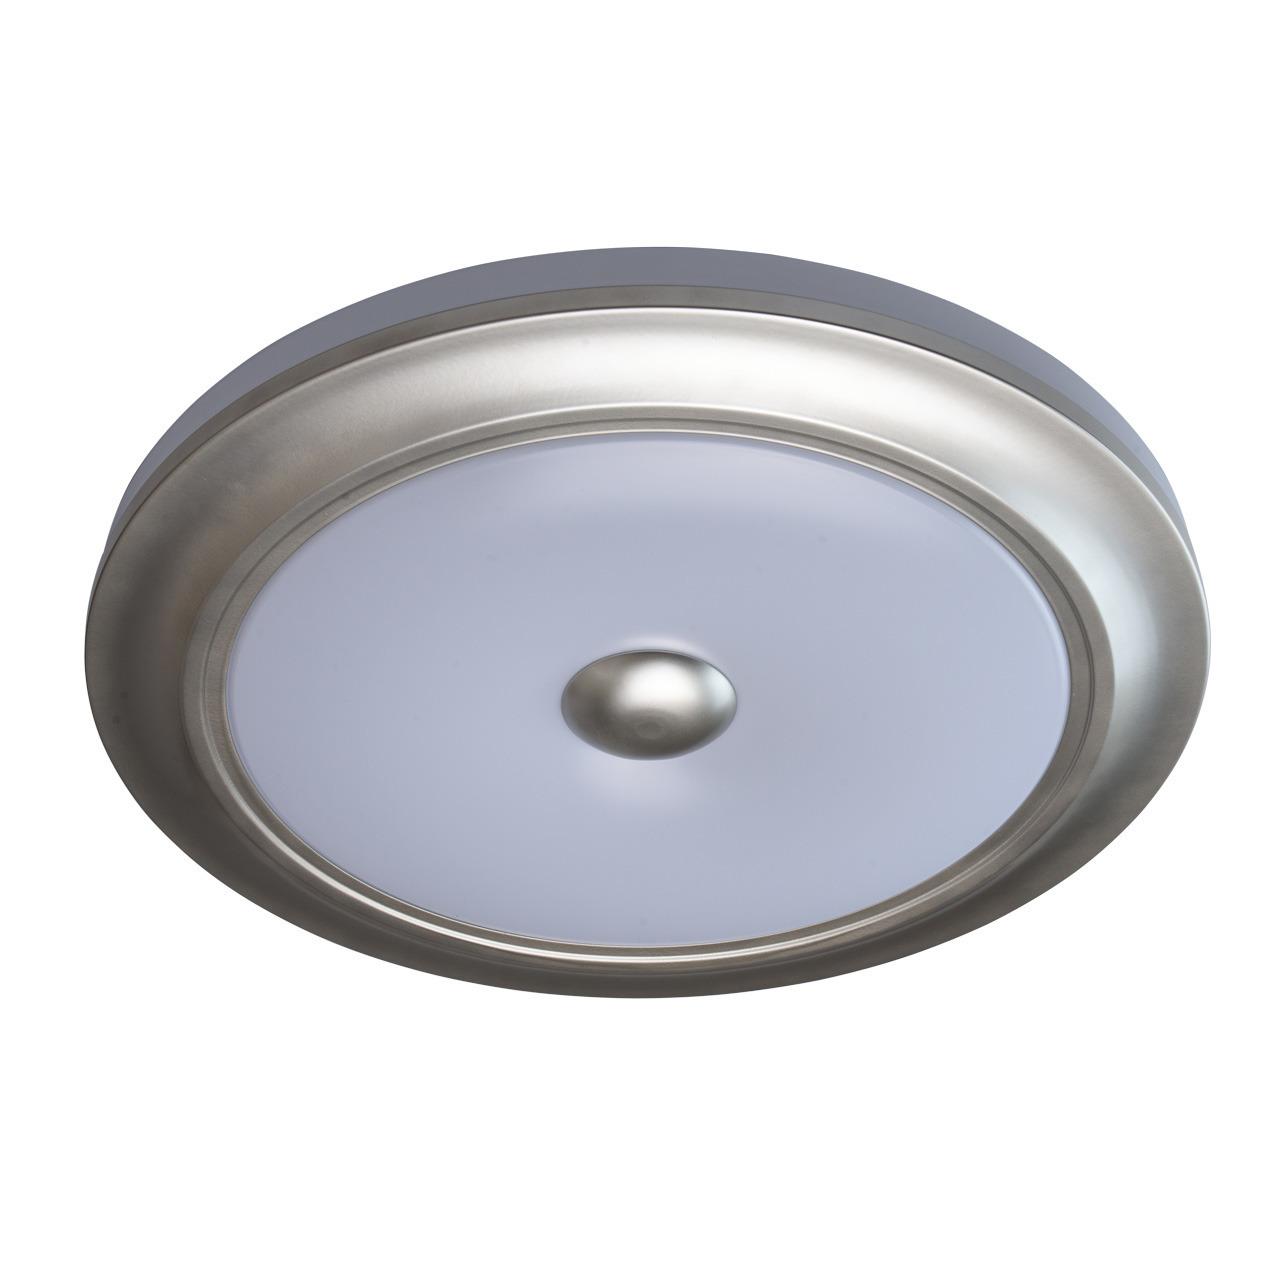 Люстра светодиодная с пультом ДУ Энигма 1*60W LED 220 V